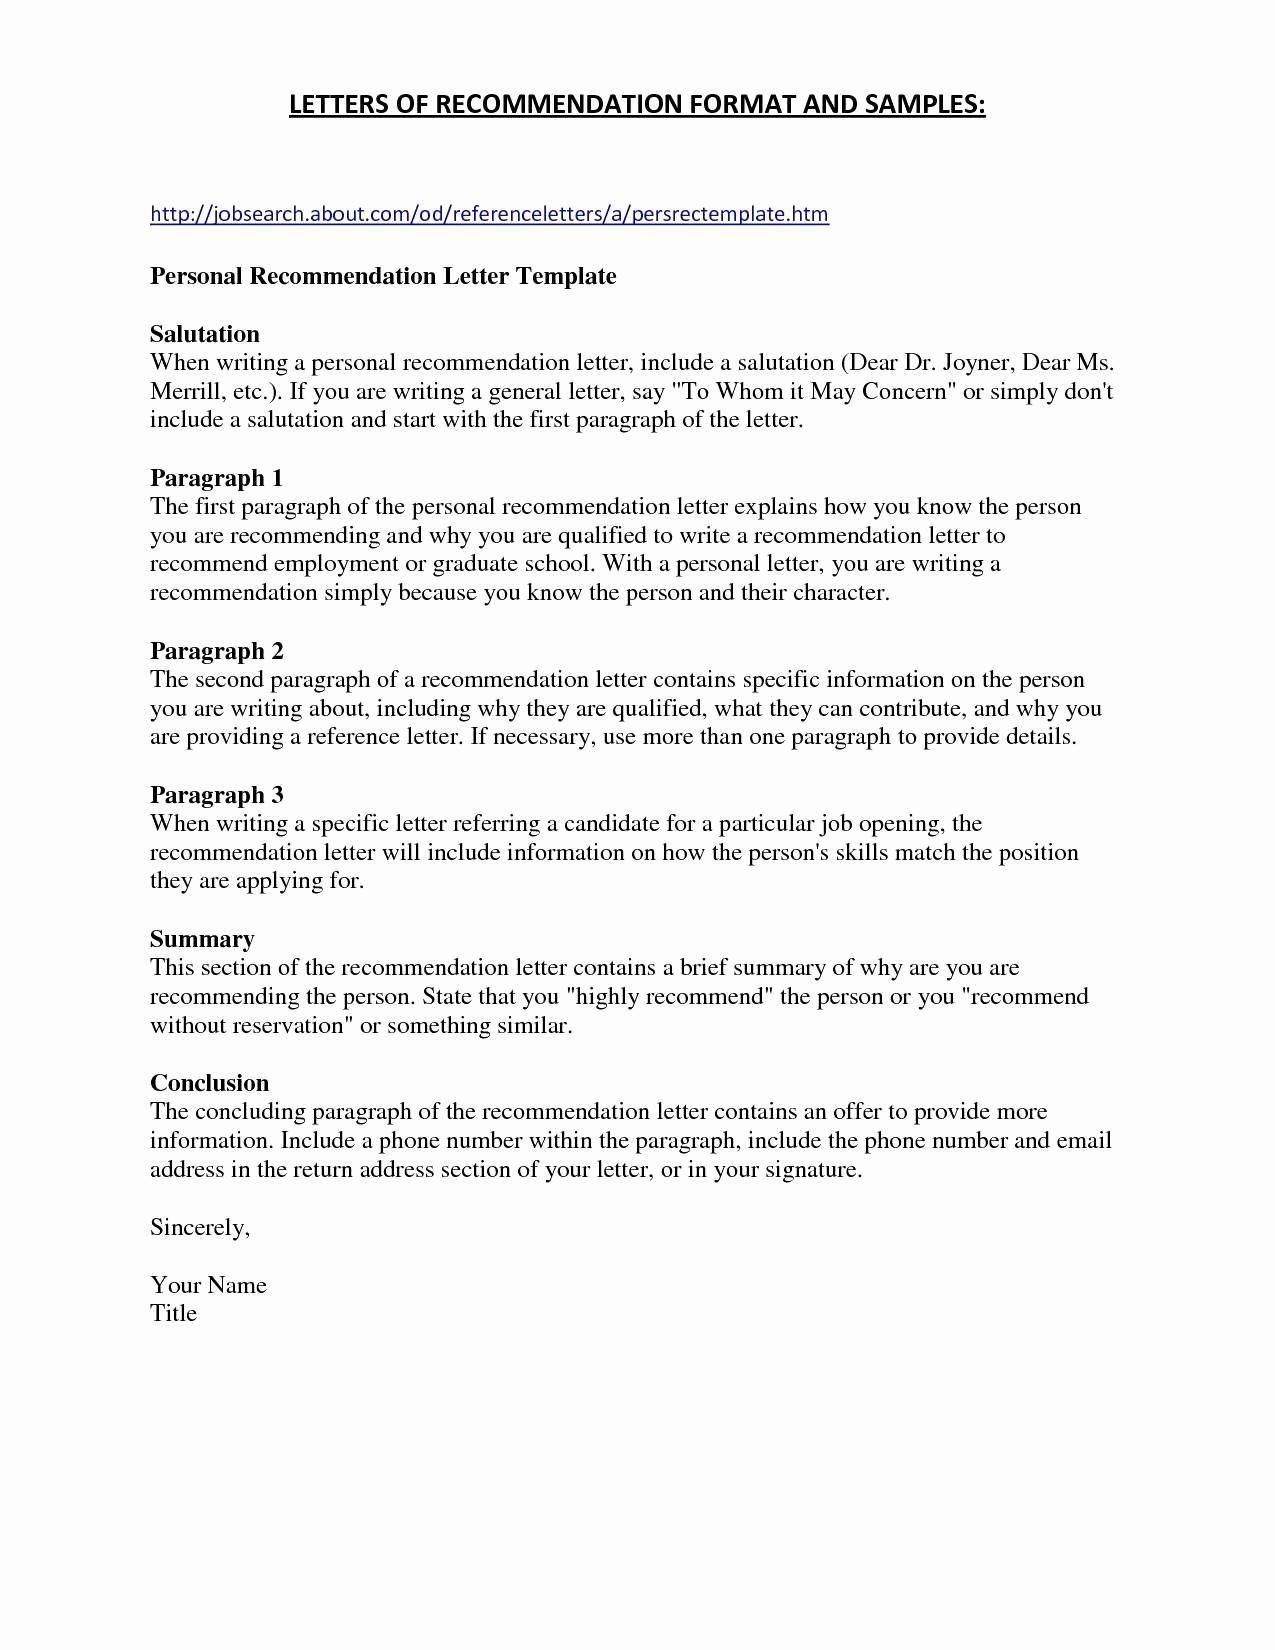 Teacher Application Cover Letter Template - Cover Letter for Substitute Teacher Elegant Application Letter